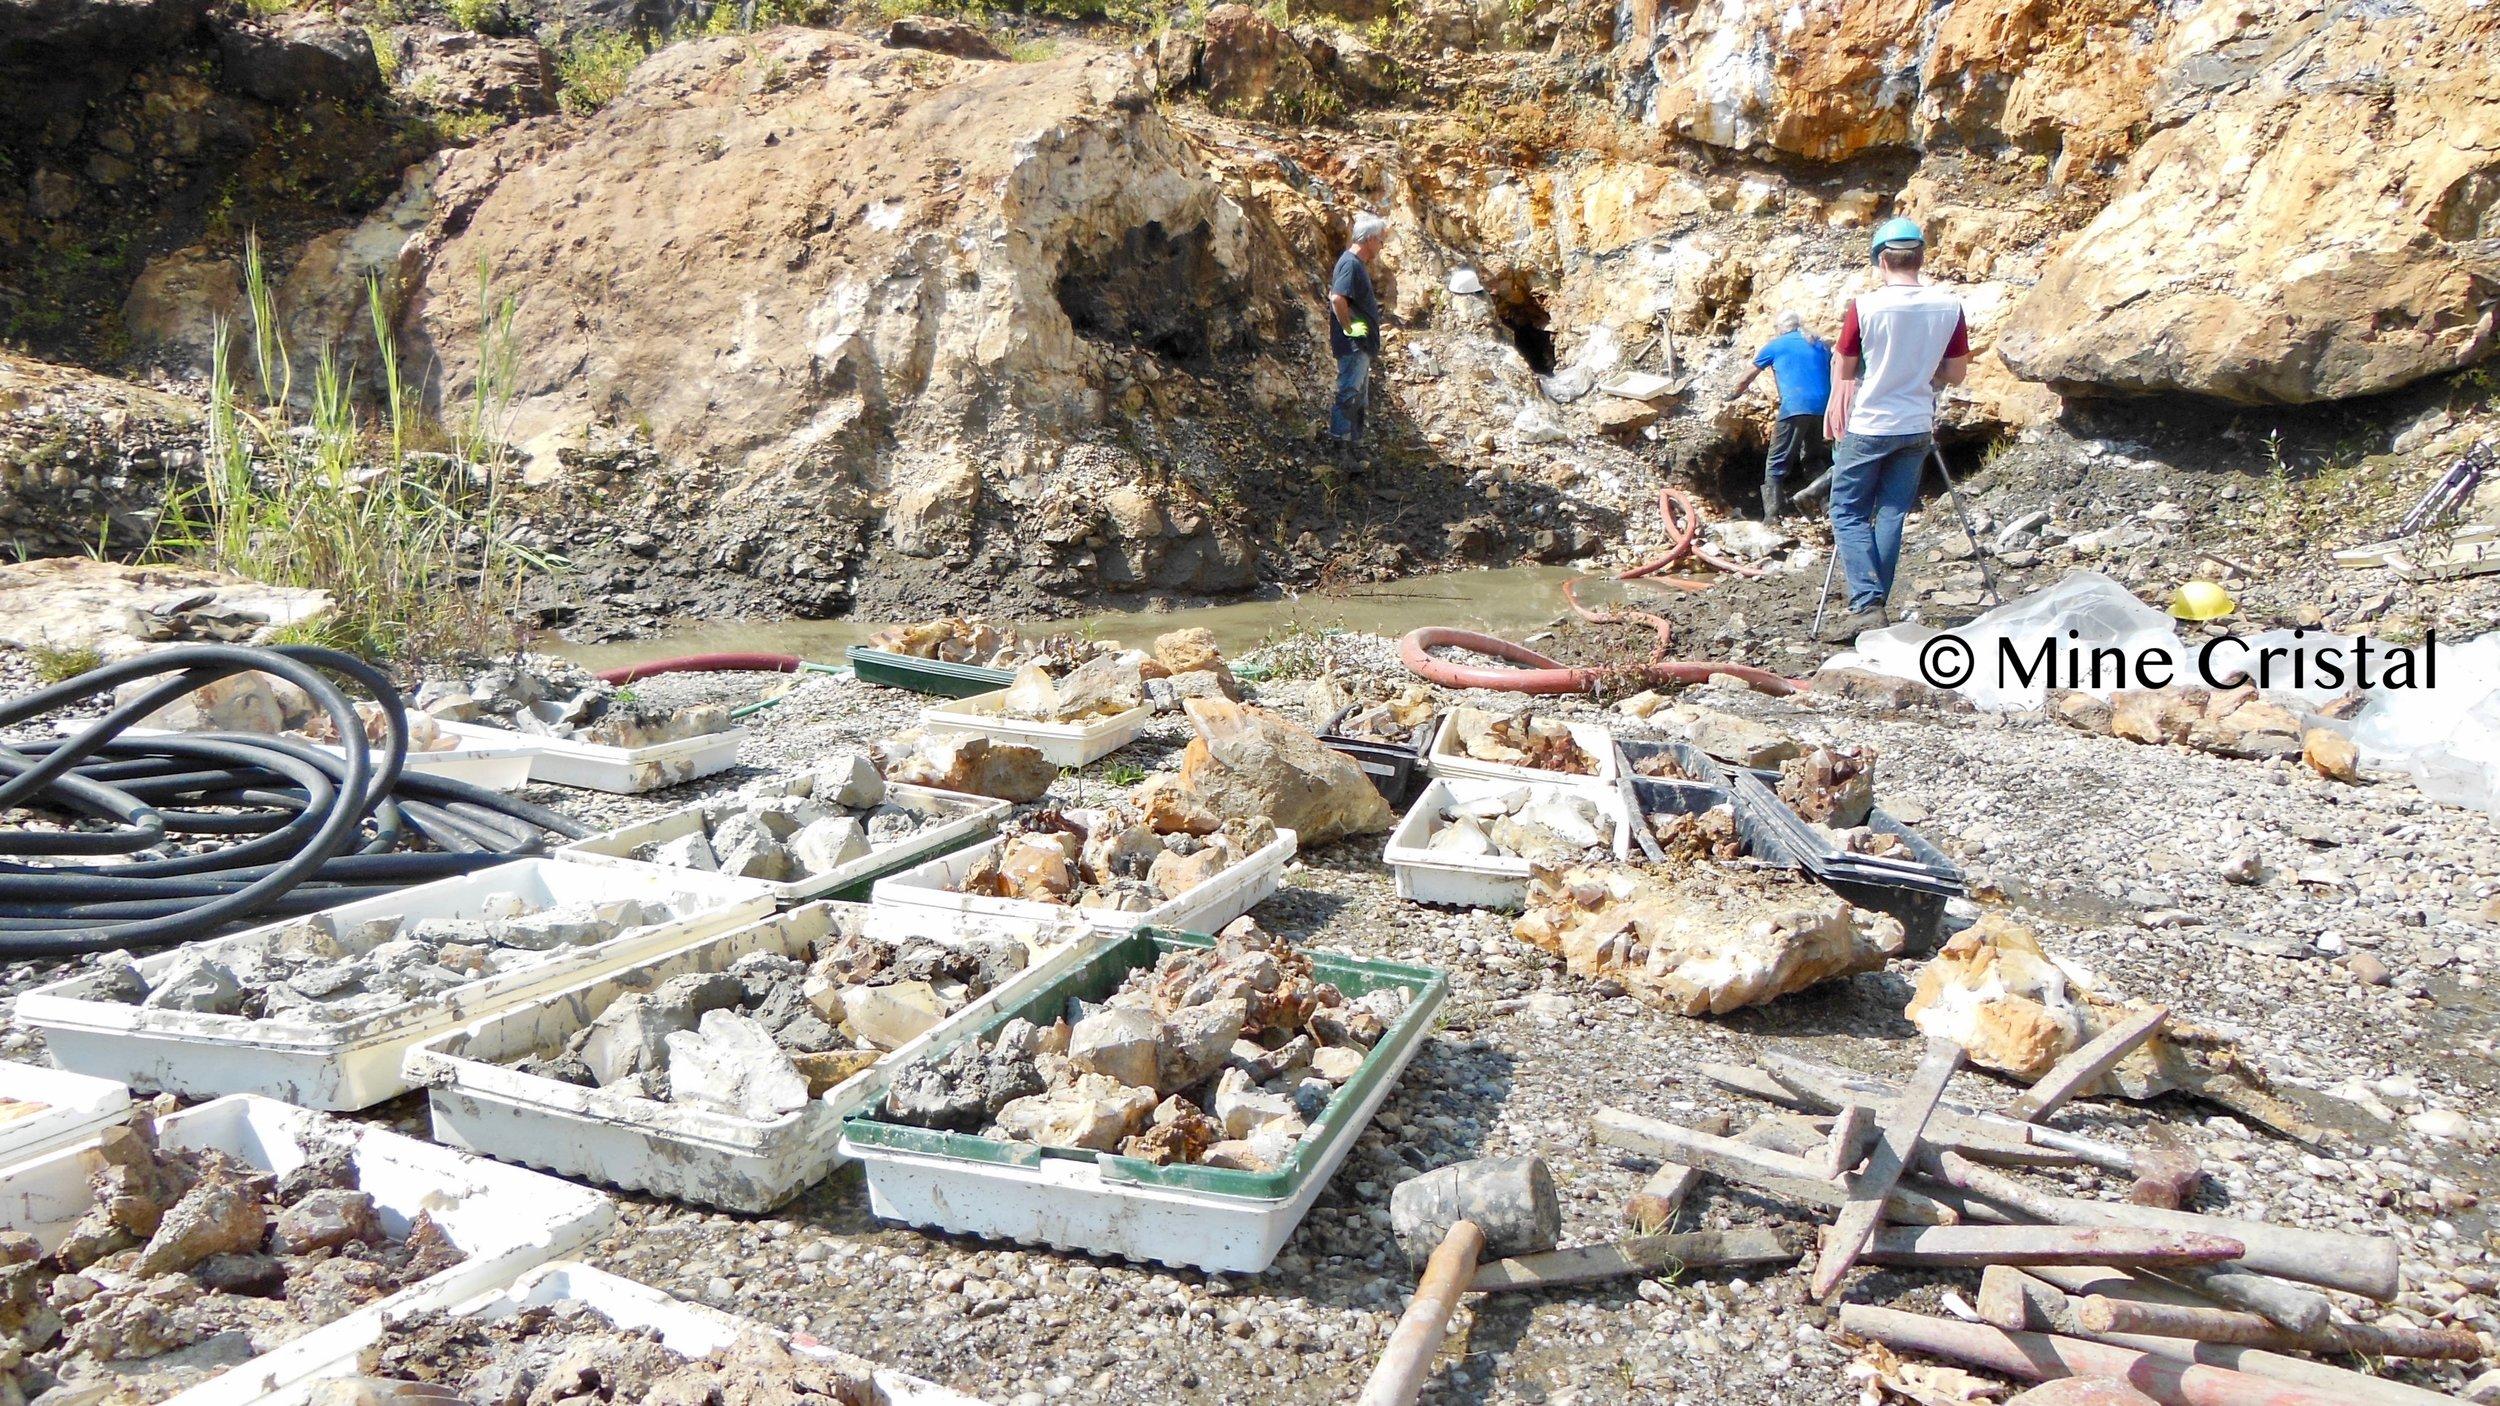 Exceptionnellement (pour une mine), nous récoltons les cristaux à la main. L'ensemble du processus d'extraction est effectué d'une manière qui respecte l'environnement et les cristaux : nous nous efforçons de conserver les cristaux entiers et dans un état parfait.